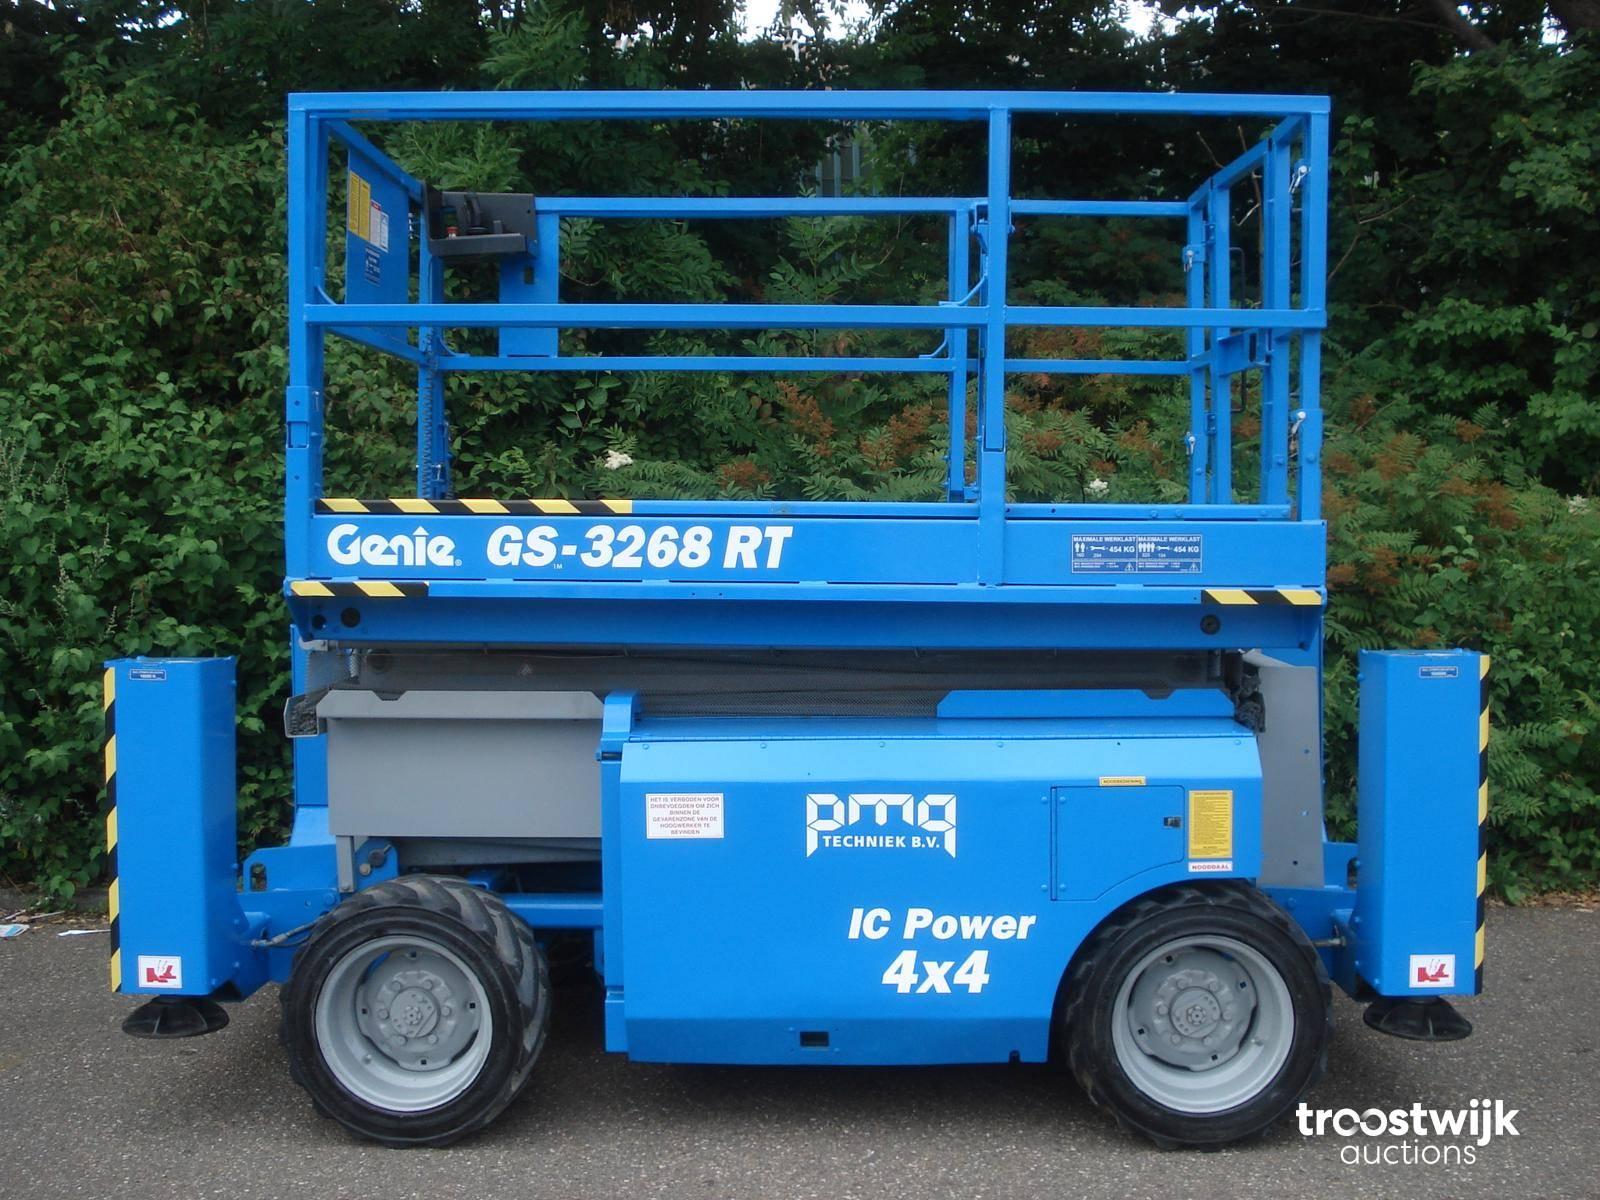 2007 Genie GS-3268RT diesel scissor lift - Troostwijk